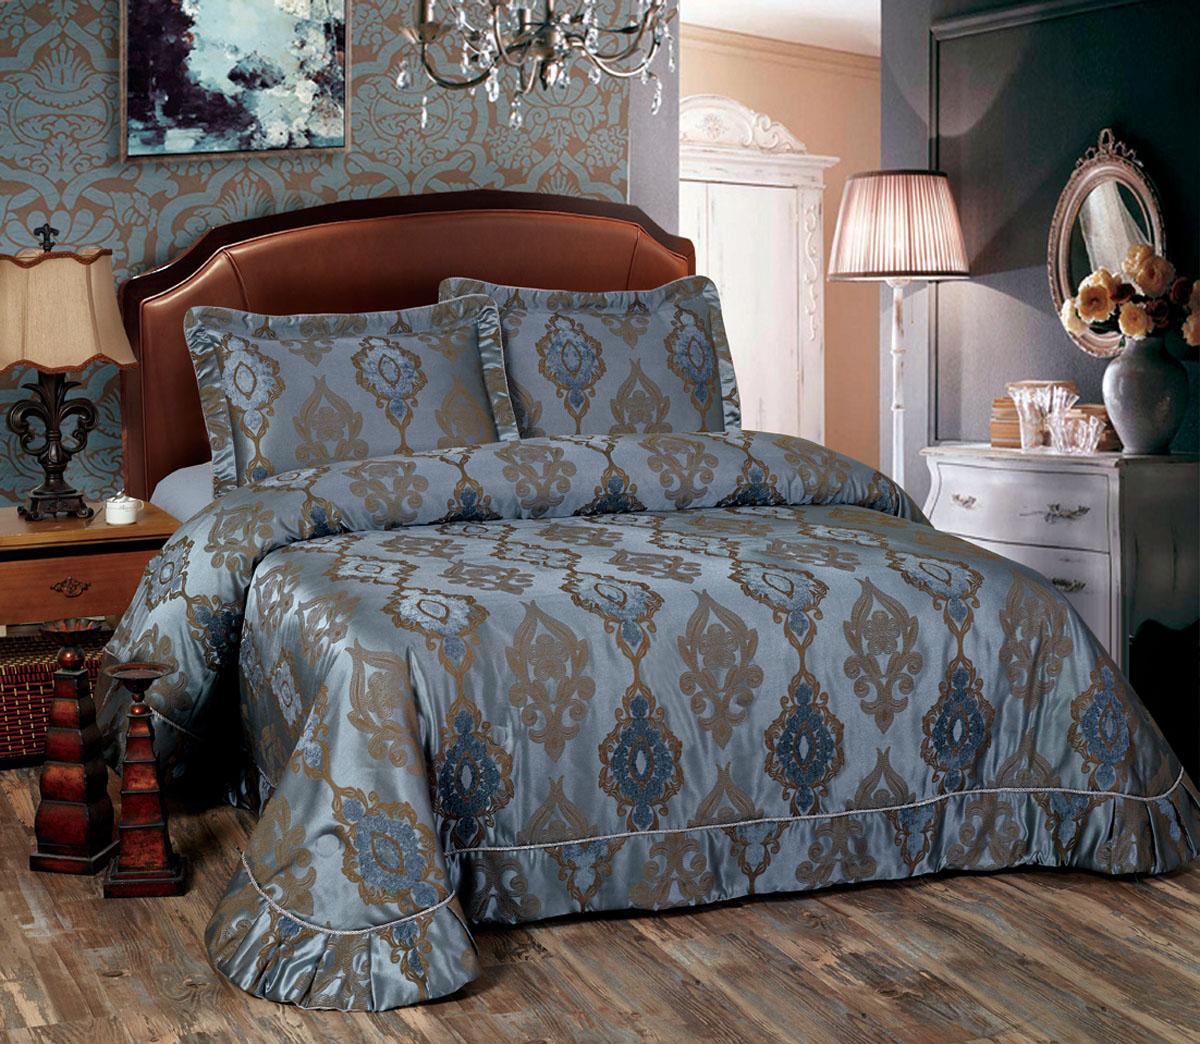 Комплект для спальни Arya Azura: покрывало 250 х 260 см, 2 наволочки 50 х 70 смTR1001095Изысканный комплект для спальни Arya Azura состоит из покрывала и двух наволочек. Изделия выполнены из высококачественного полиэстера, легкие, прочные и износостойкие. Ткань матовая, что придает ей очень большое сходство с хлопком. Комплект Arya Azura - это отличный способ придать спальне уют и комфорт. Размер покрывала: 250 х 260 см. Размер наволочки: 50 х 70 см.